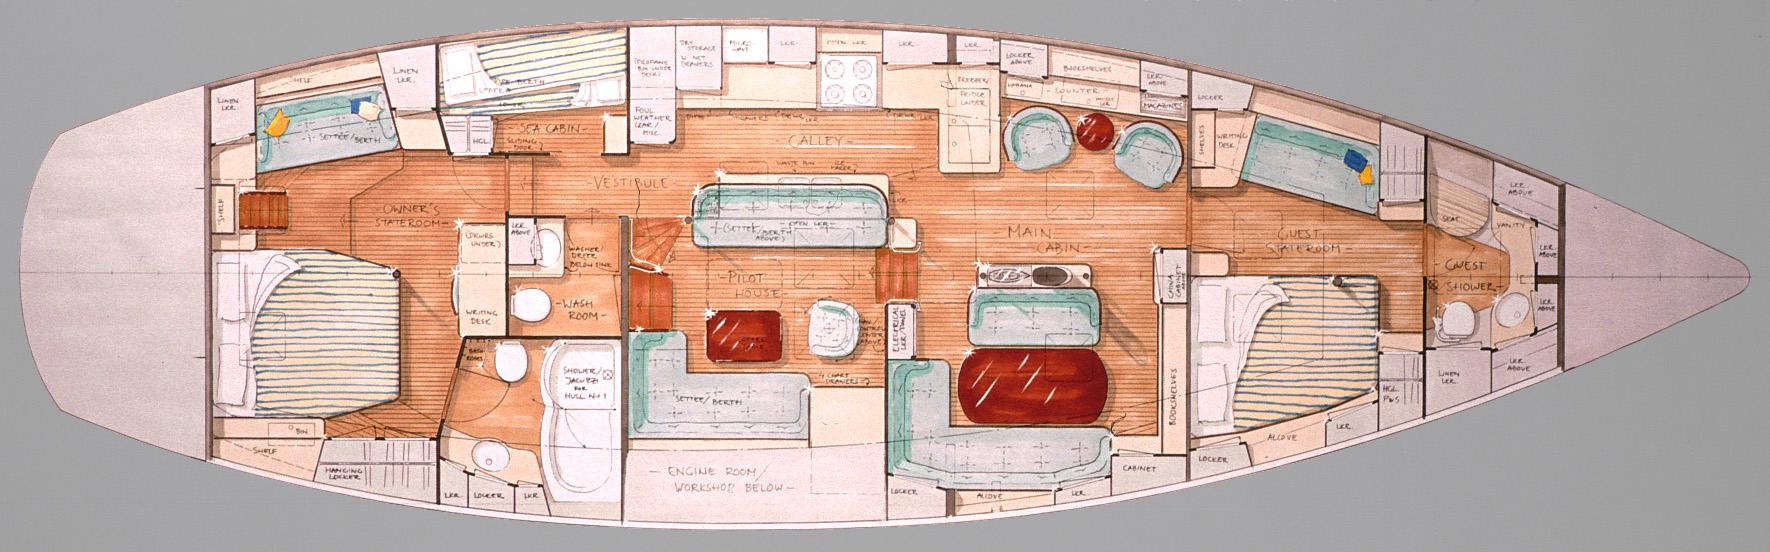 61' Pilot House Interior